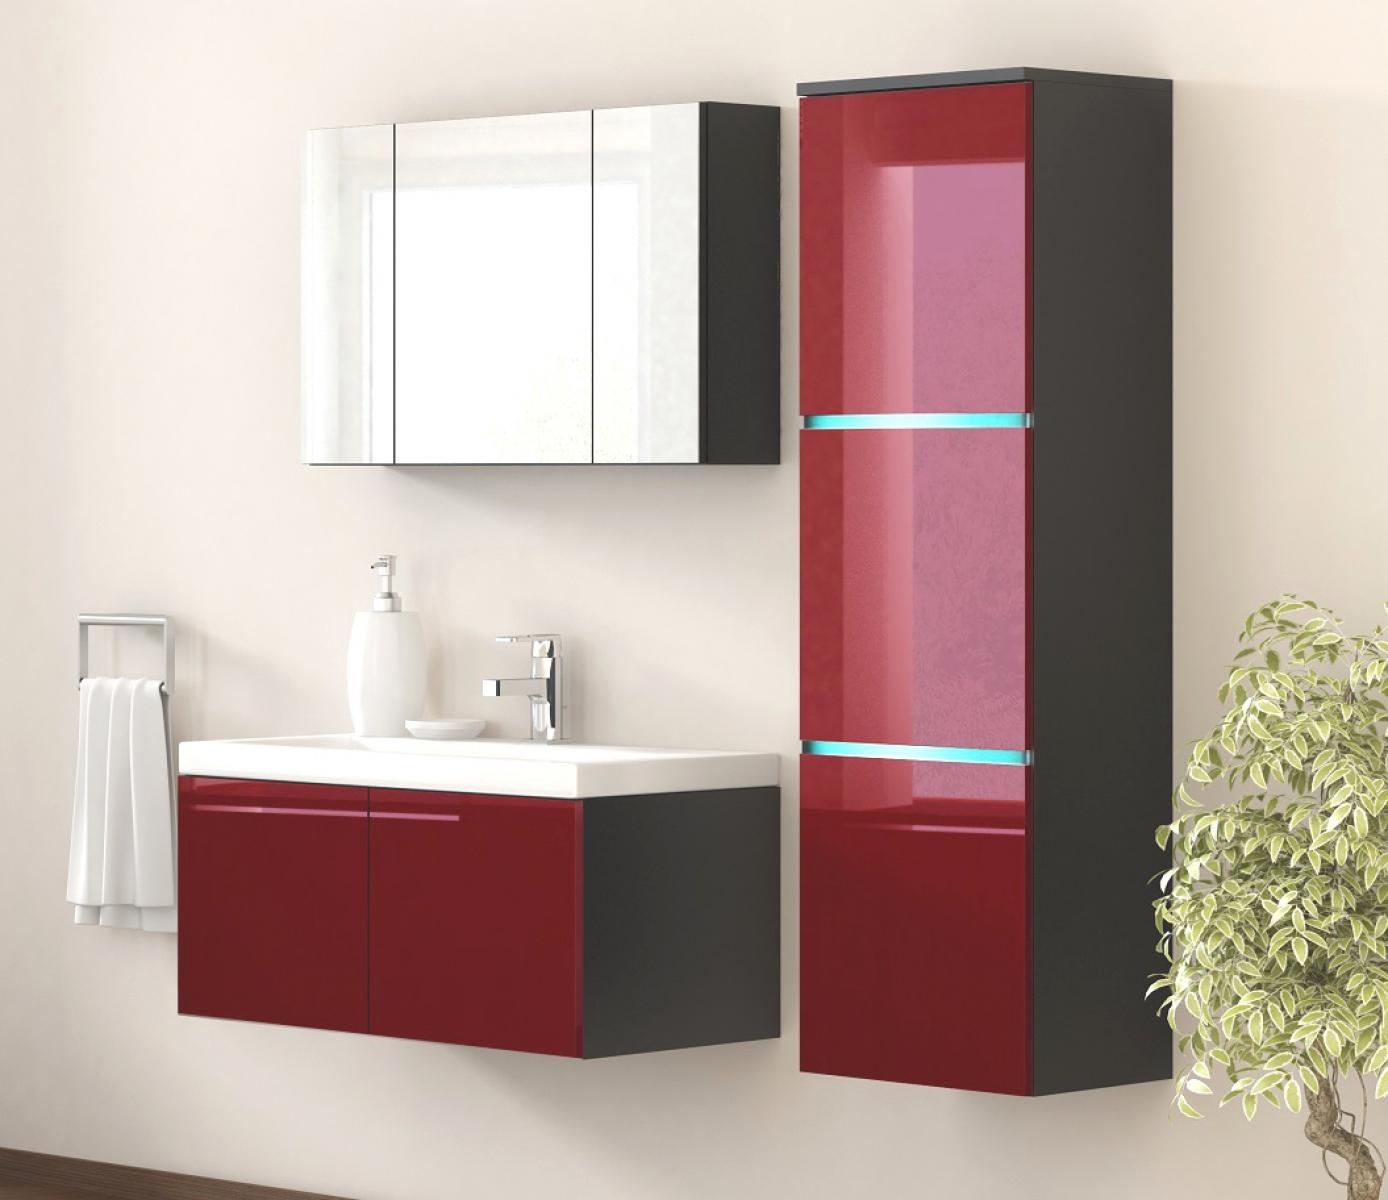 kaufexpert badm bel set werner xxl 1 rot hochglanz schwarz keramik waschbecken badezimmer led. Black Bedroom Furniture Sets. Home Design Ideas